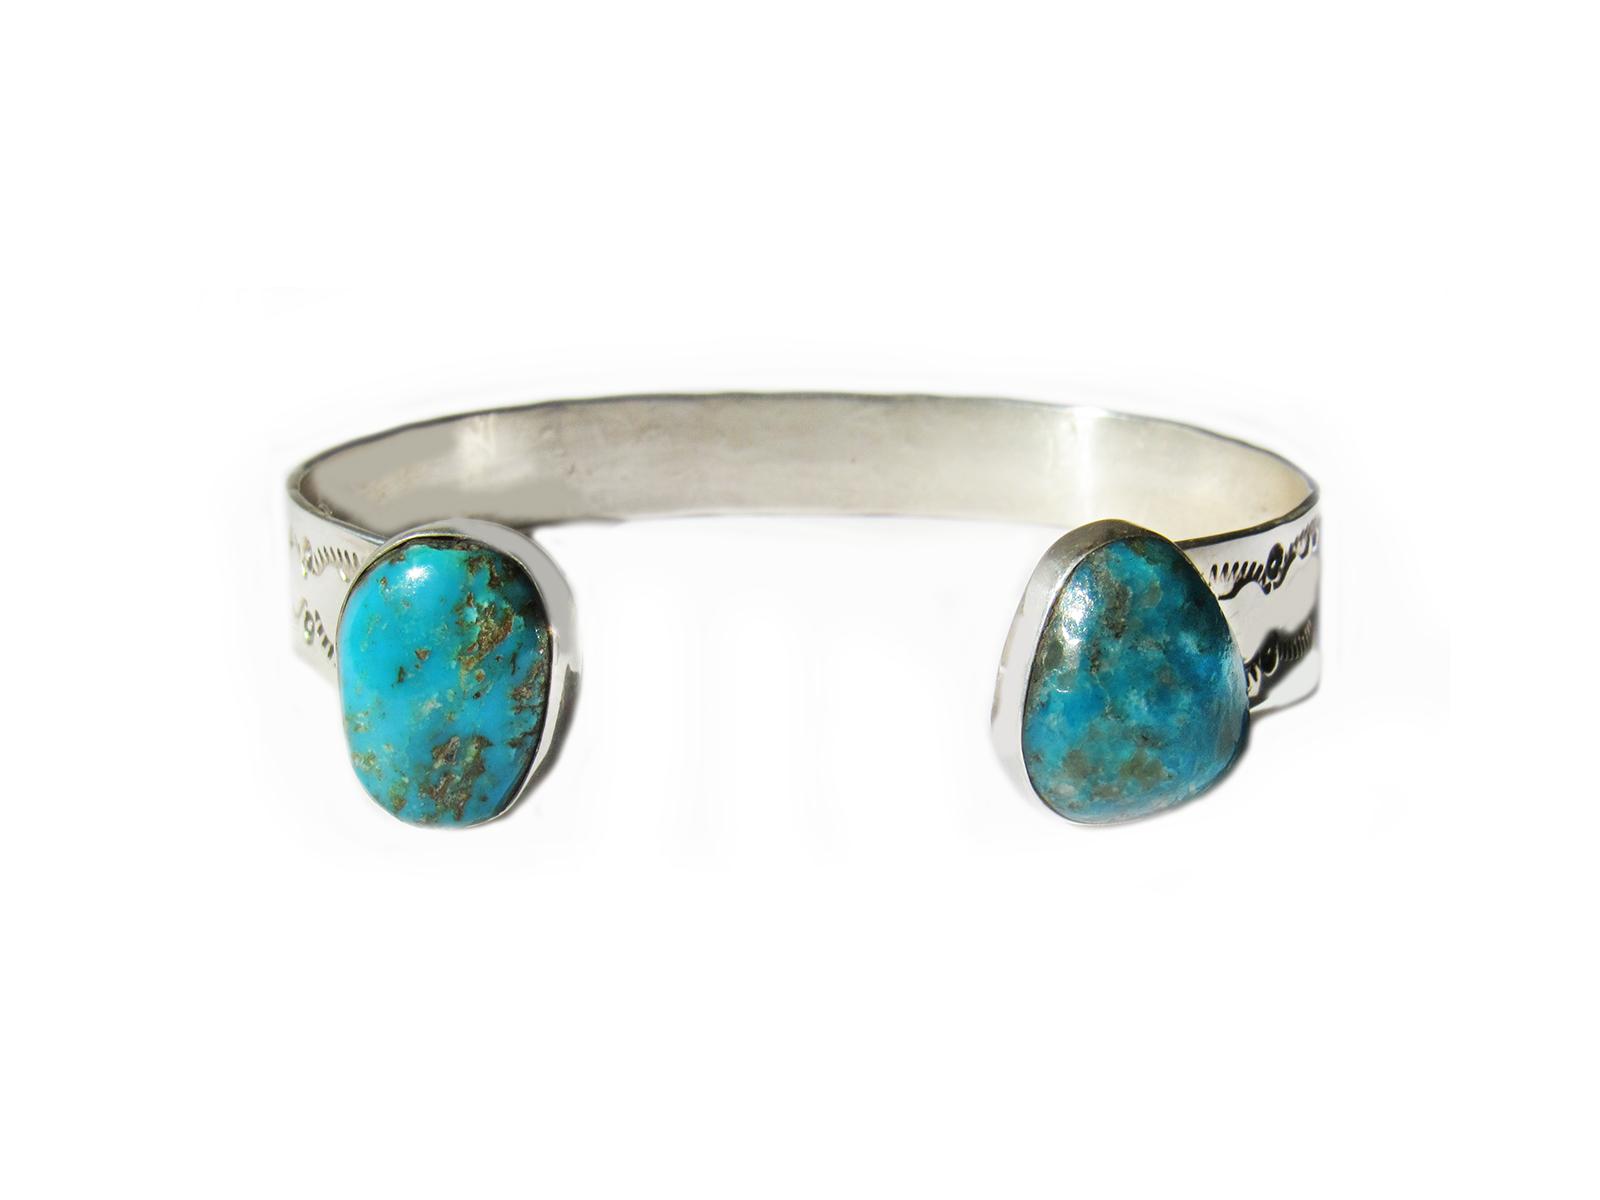 Bisbee Turquoise Bracelet